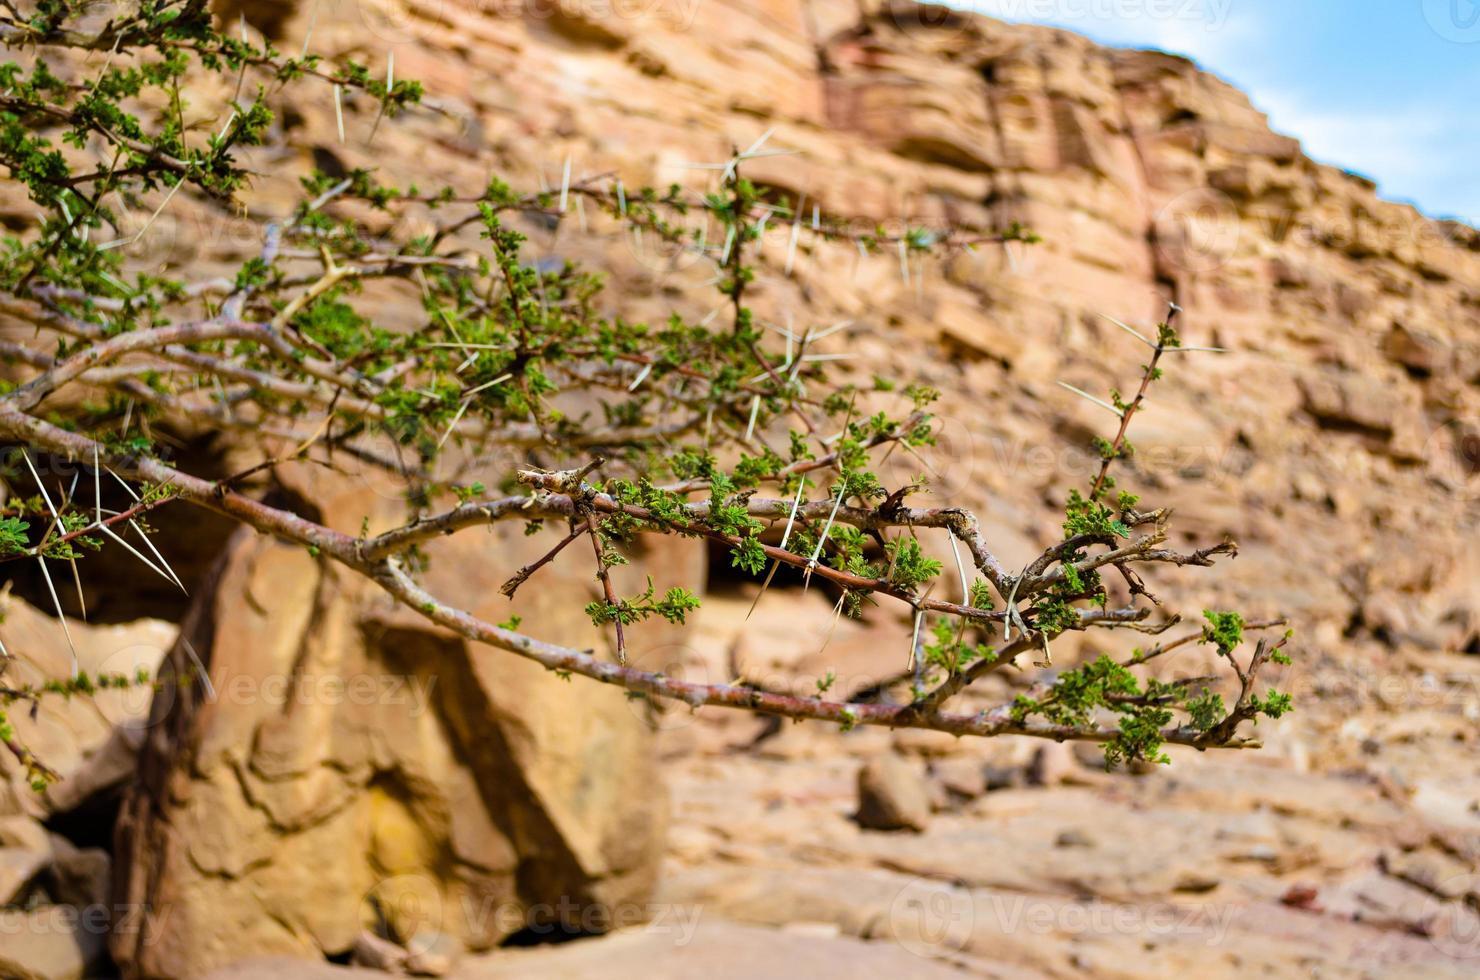 groene plant in de woestijn foto